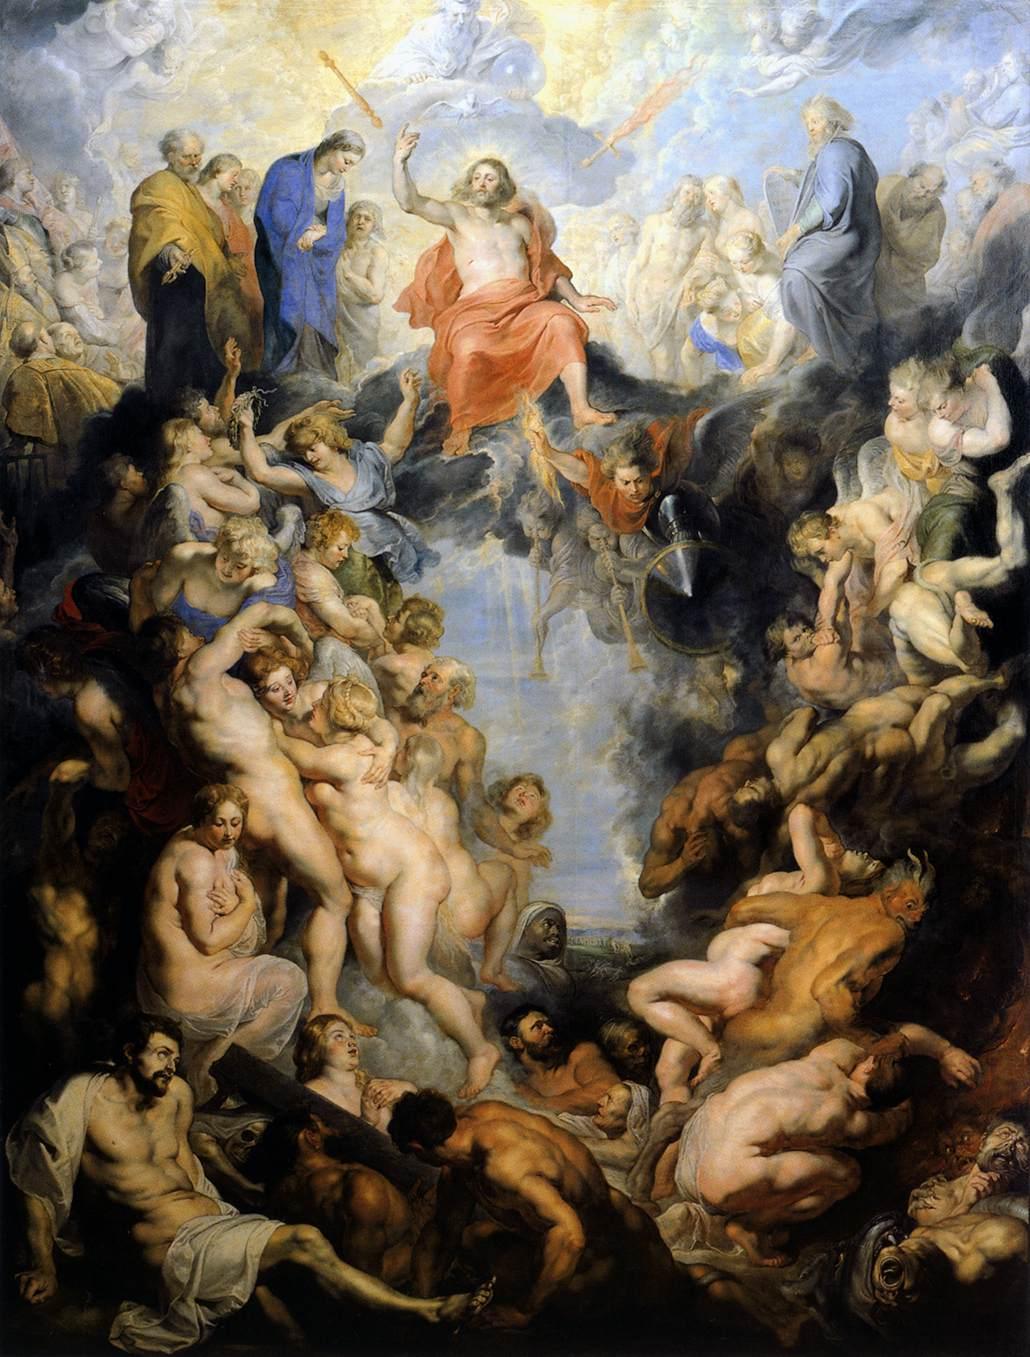 Peter Paul Rubens, Het Laatste Oordeel, Alte Pinakothek, Munchen